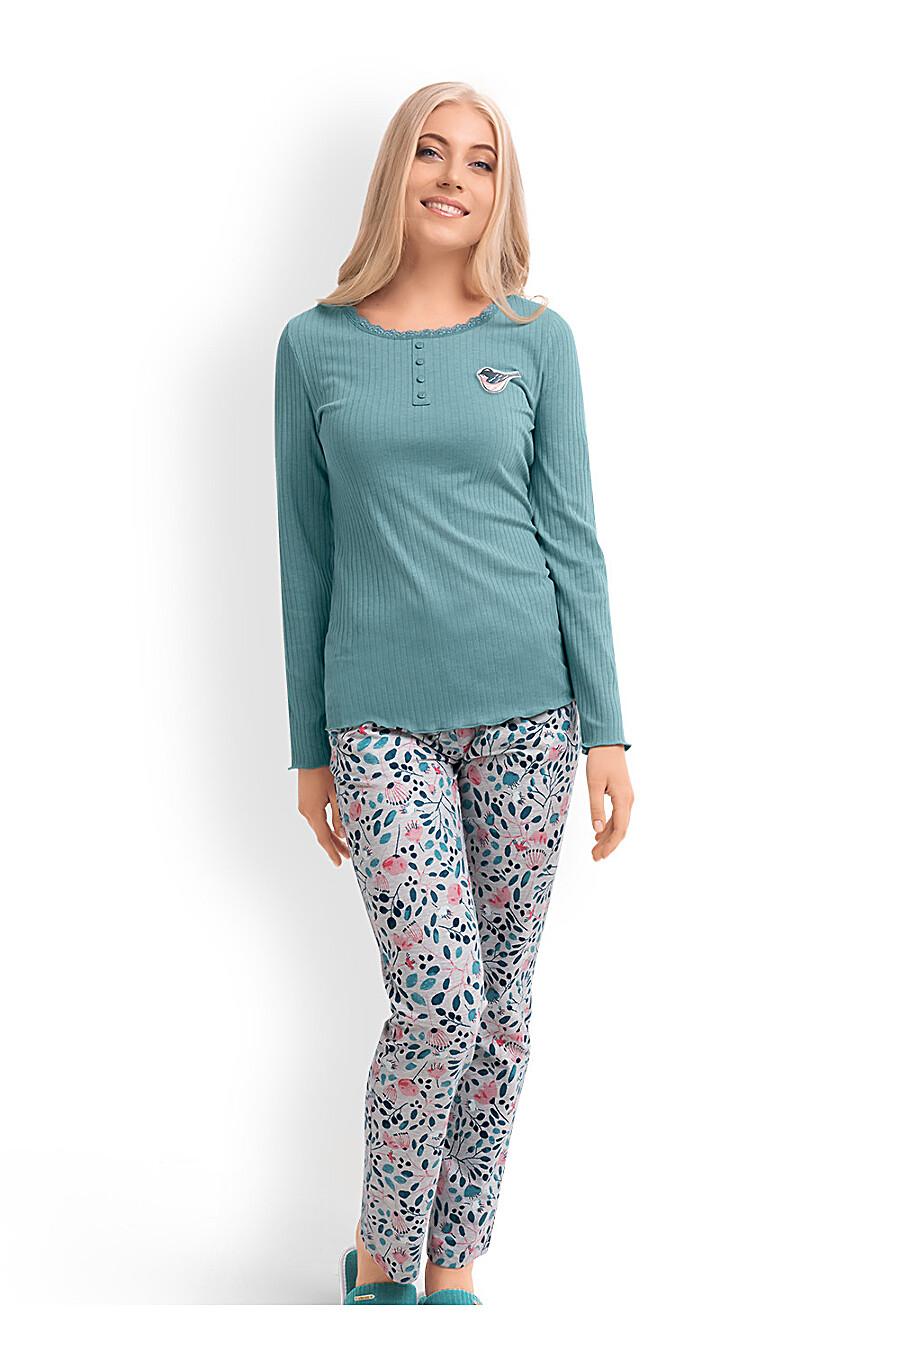 Комплект (джемпер+брюки) для женщин CLEVER 169235 купить оптом от производителя. Совместная покупка женской одежды в OptMoyo